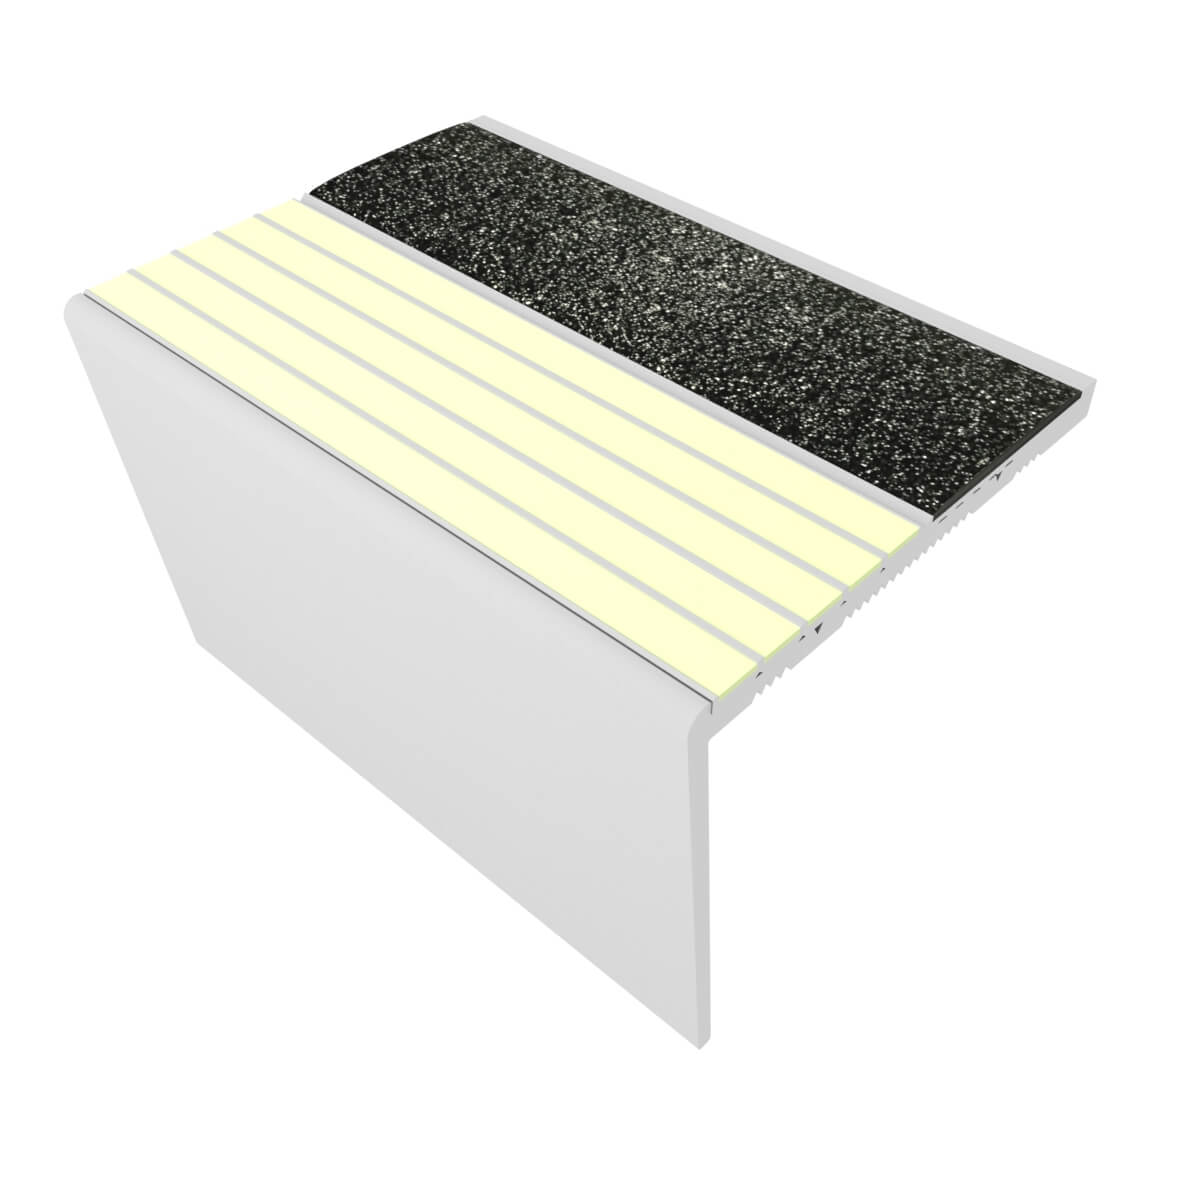 RFA7C171 NON-SLIP RESILIENT FLOORING STAIR NOSINGS